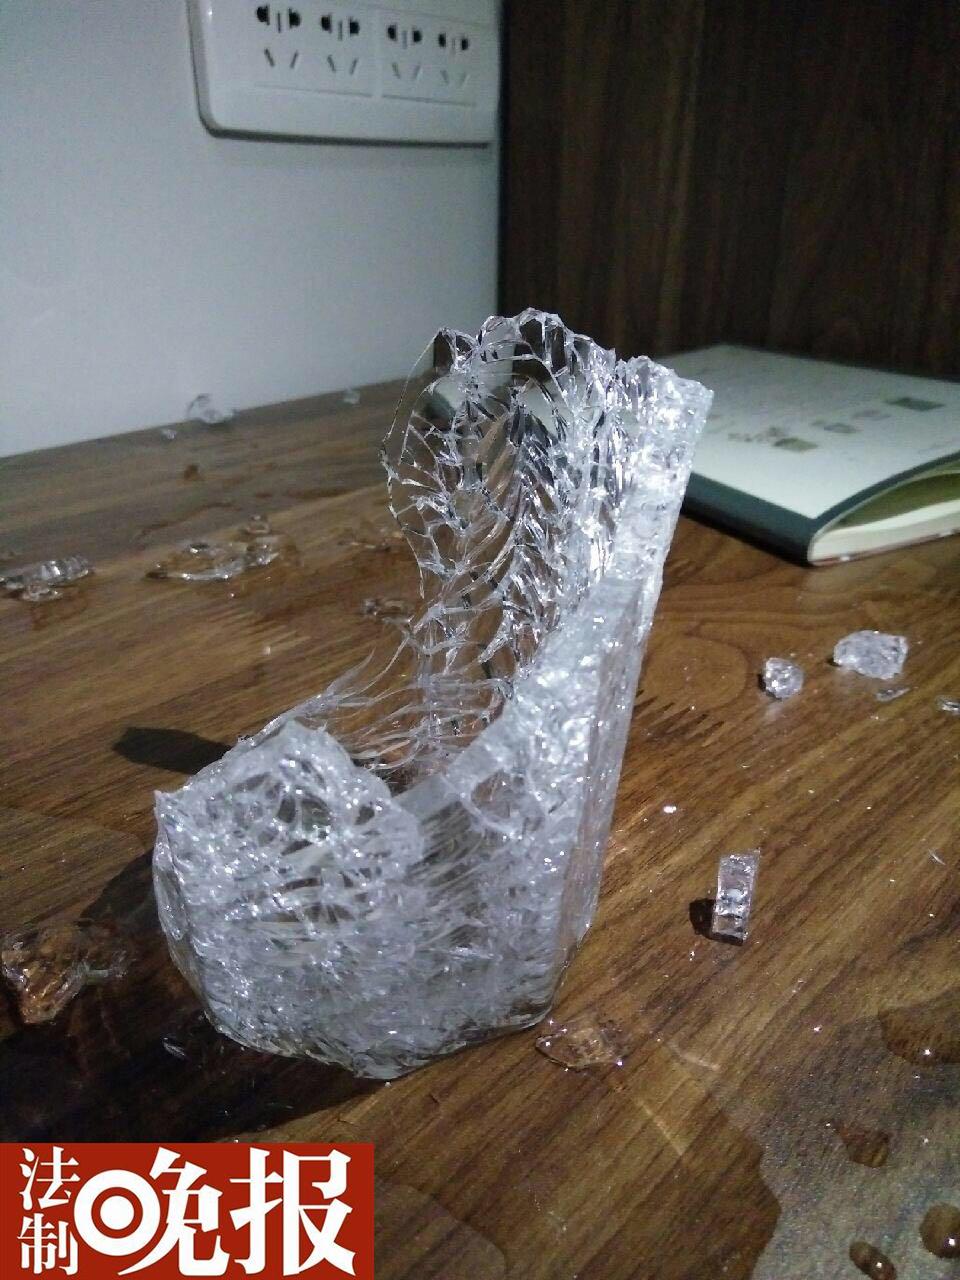 宜家玻璃杯半夜突然爆裂。